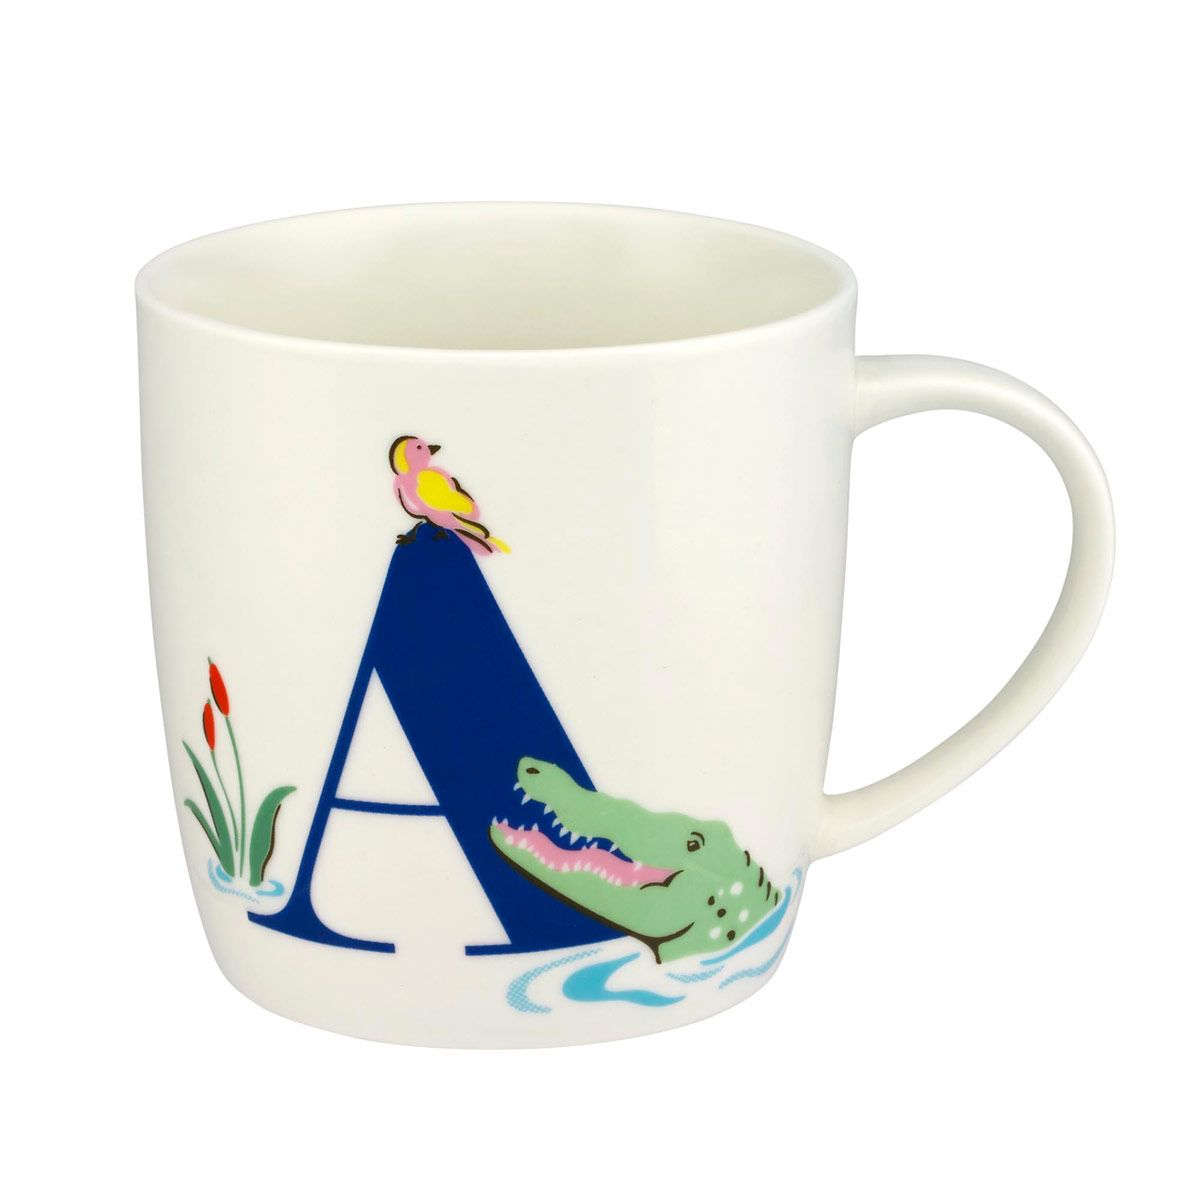 Alphabet mug a mugs cathkidston alphabet mugs mugs